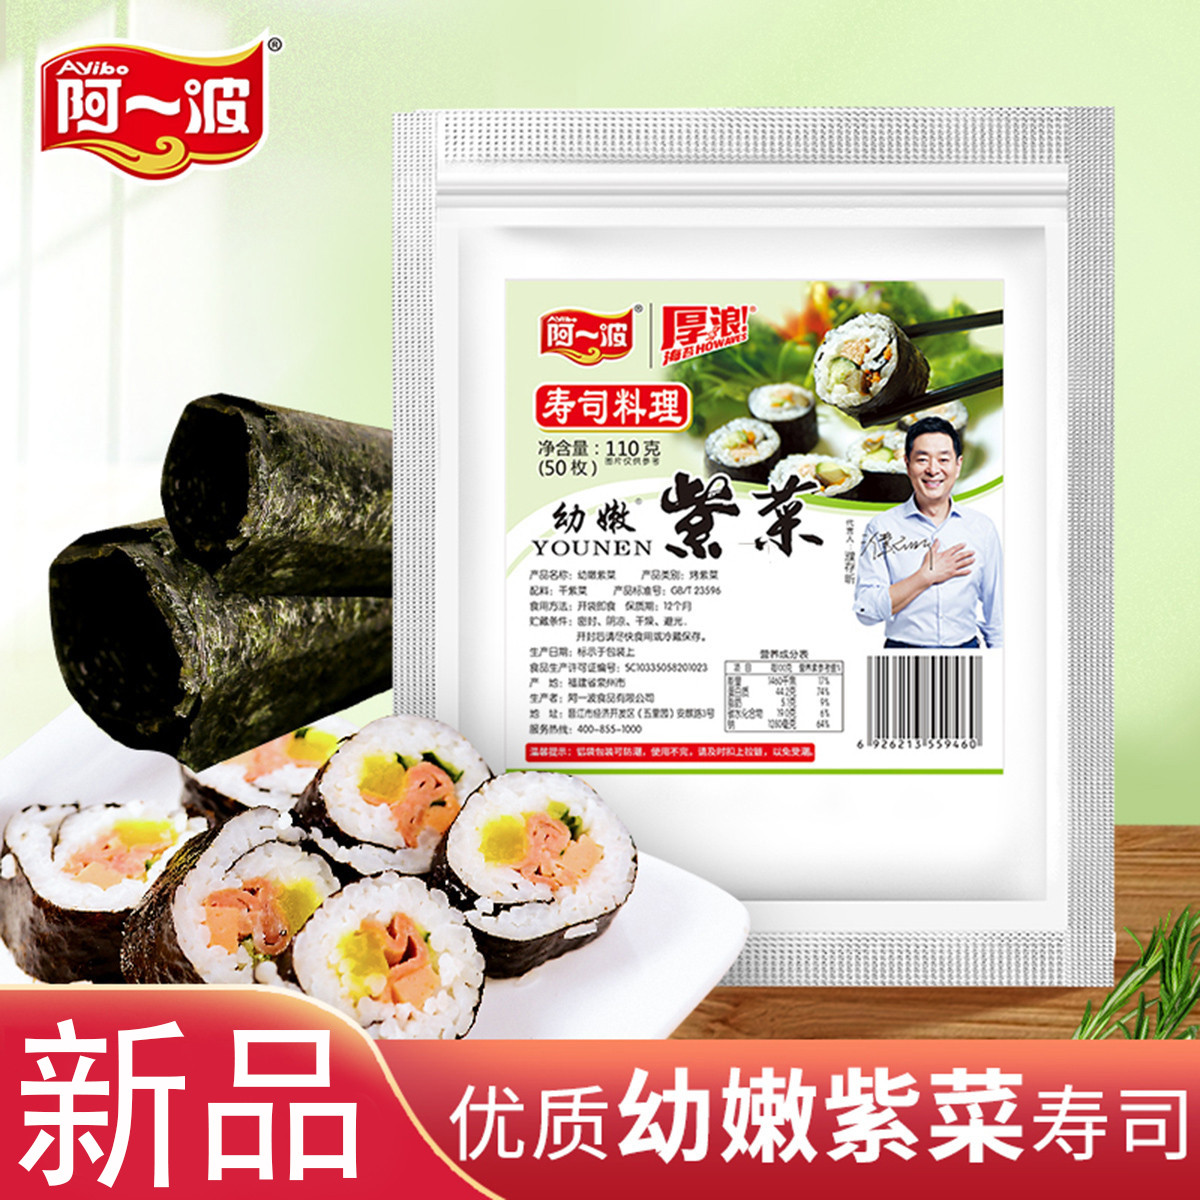 阿一波阿一波即食寿司海苔紫菜包饭寿司食材烤海苔片50枚(无竹帘)COLOR寿司海苔50张(无竹帘)